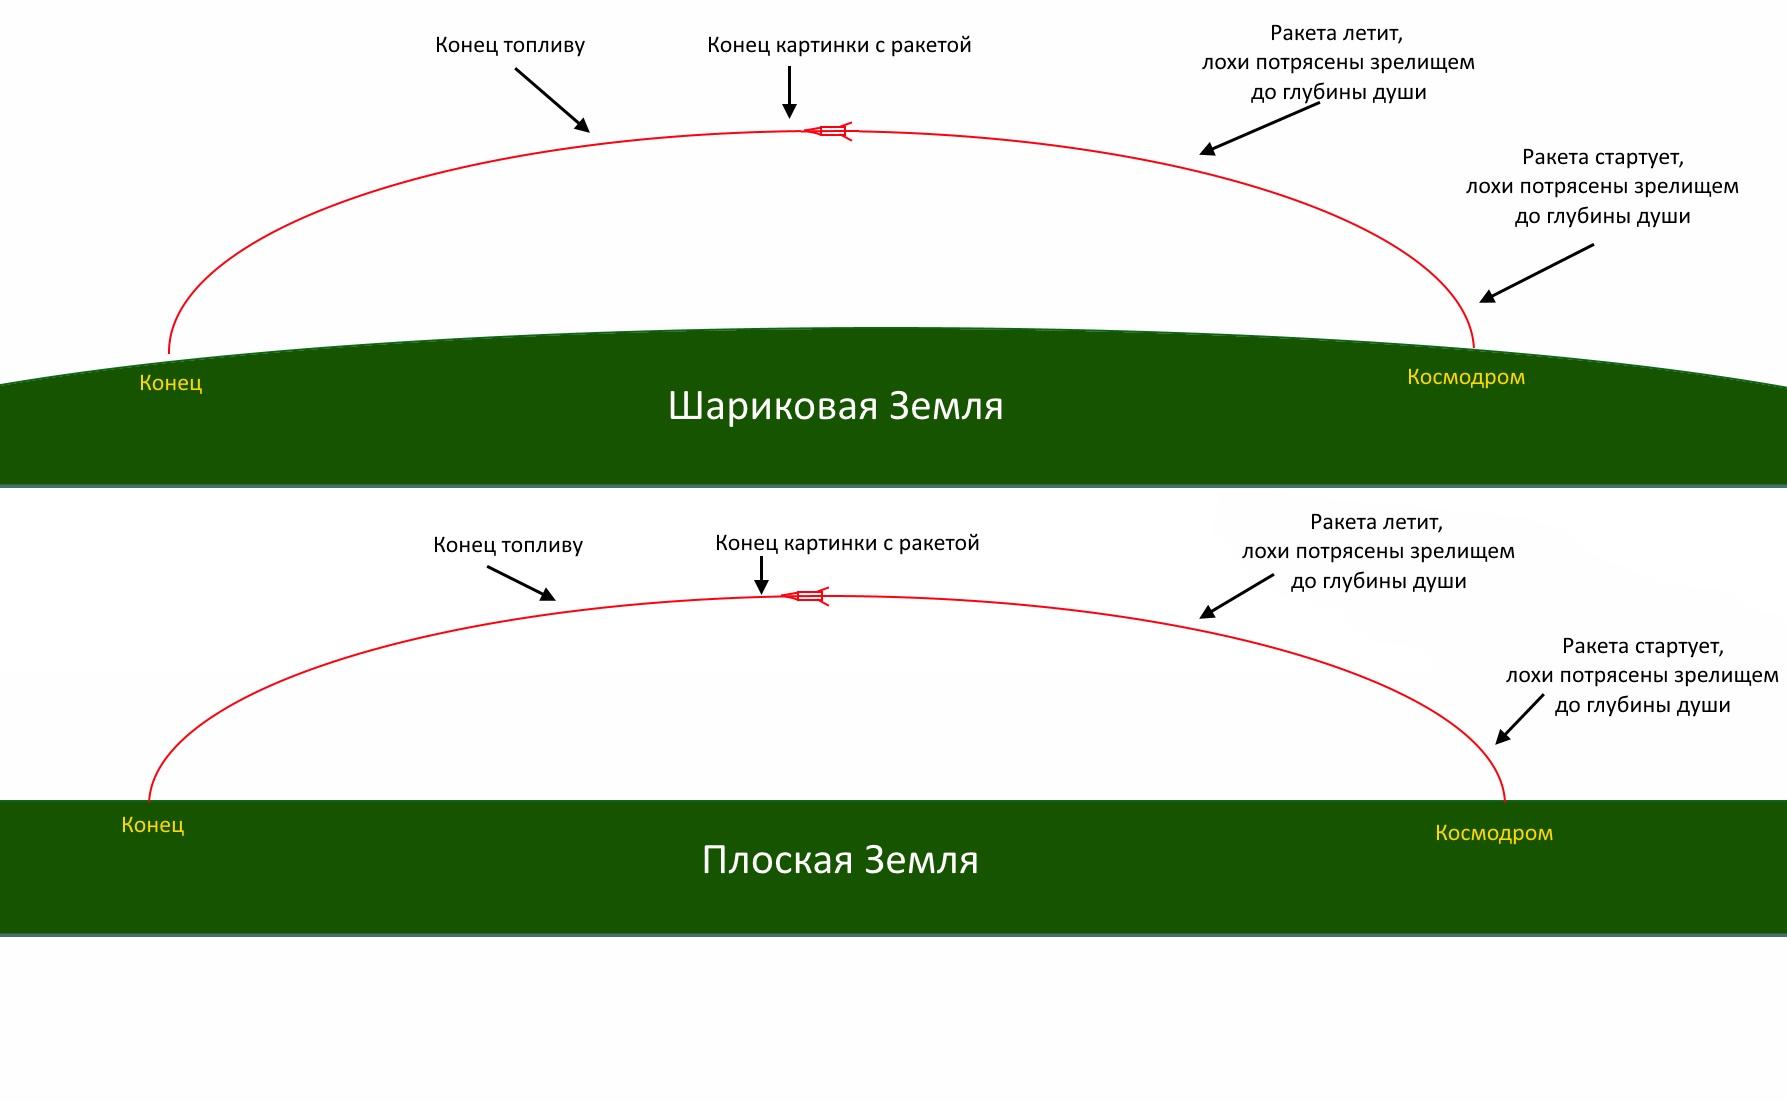 http://images.vfl.ru/ii/1514986090/ac9761dd/20003336.jpg